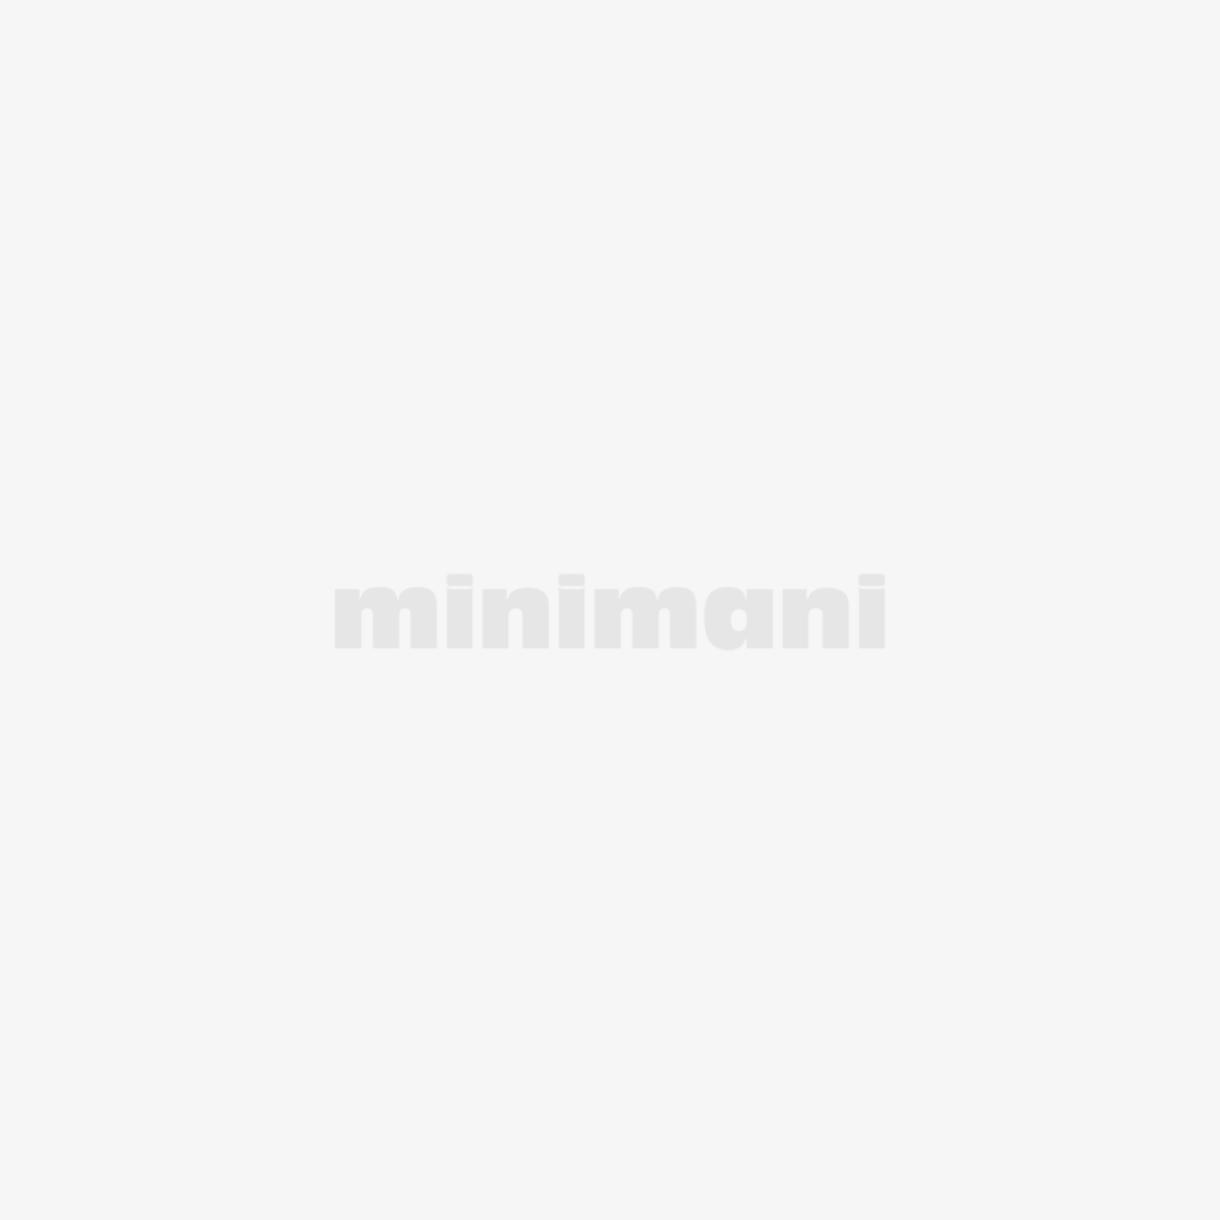 HAUTALYHTY LINTU+RISTI MUSTA